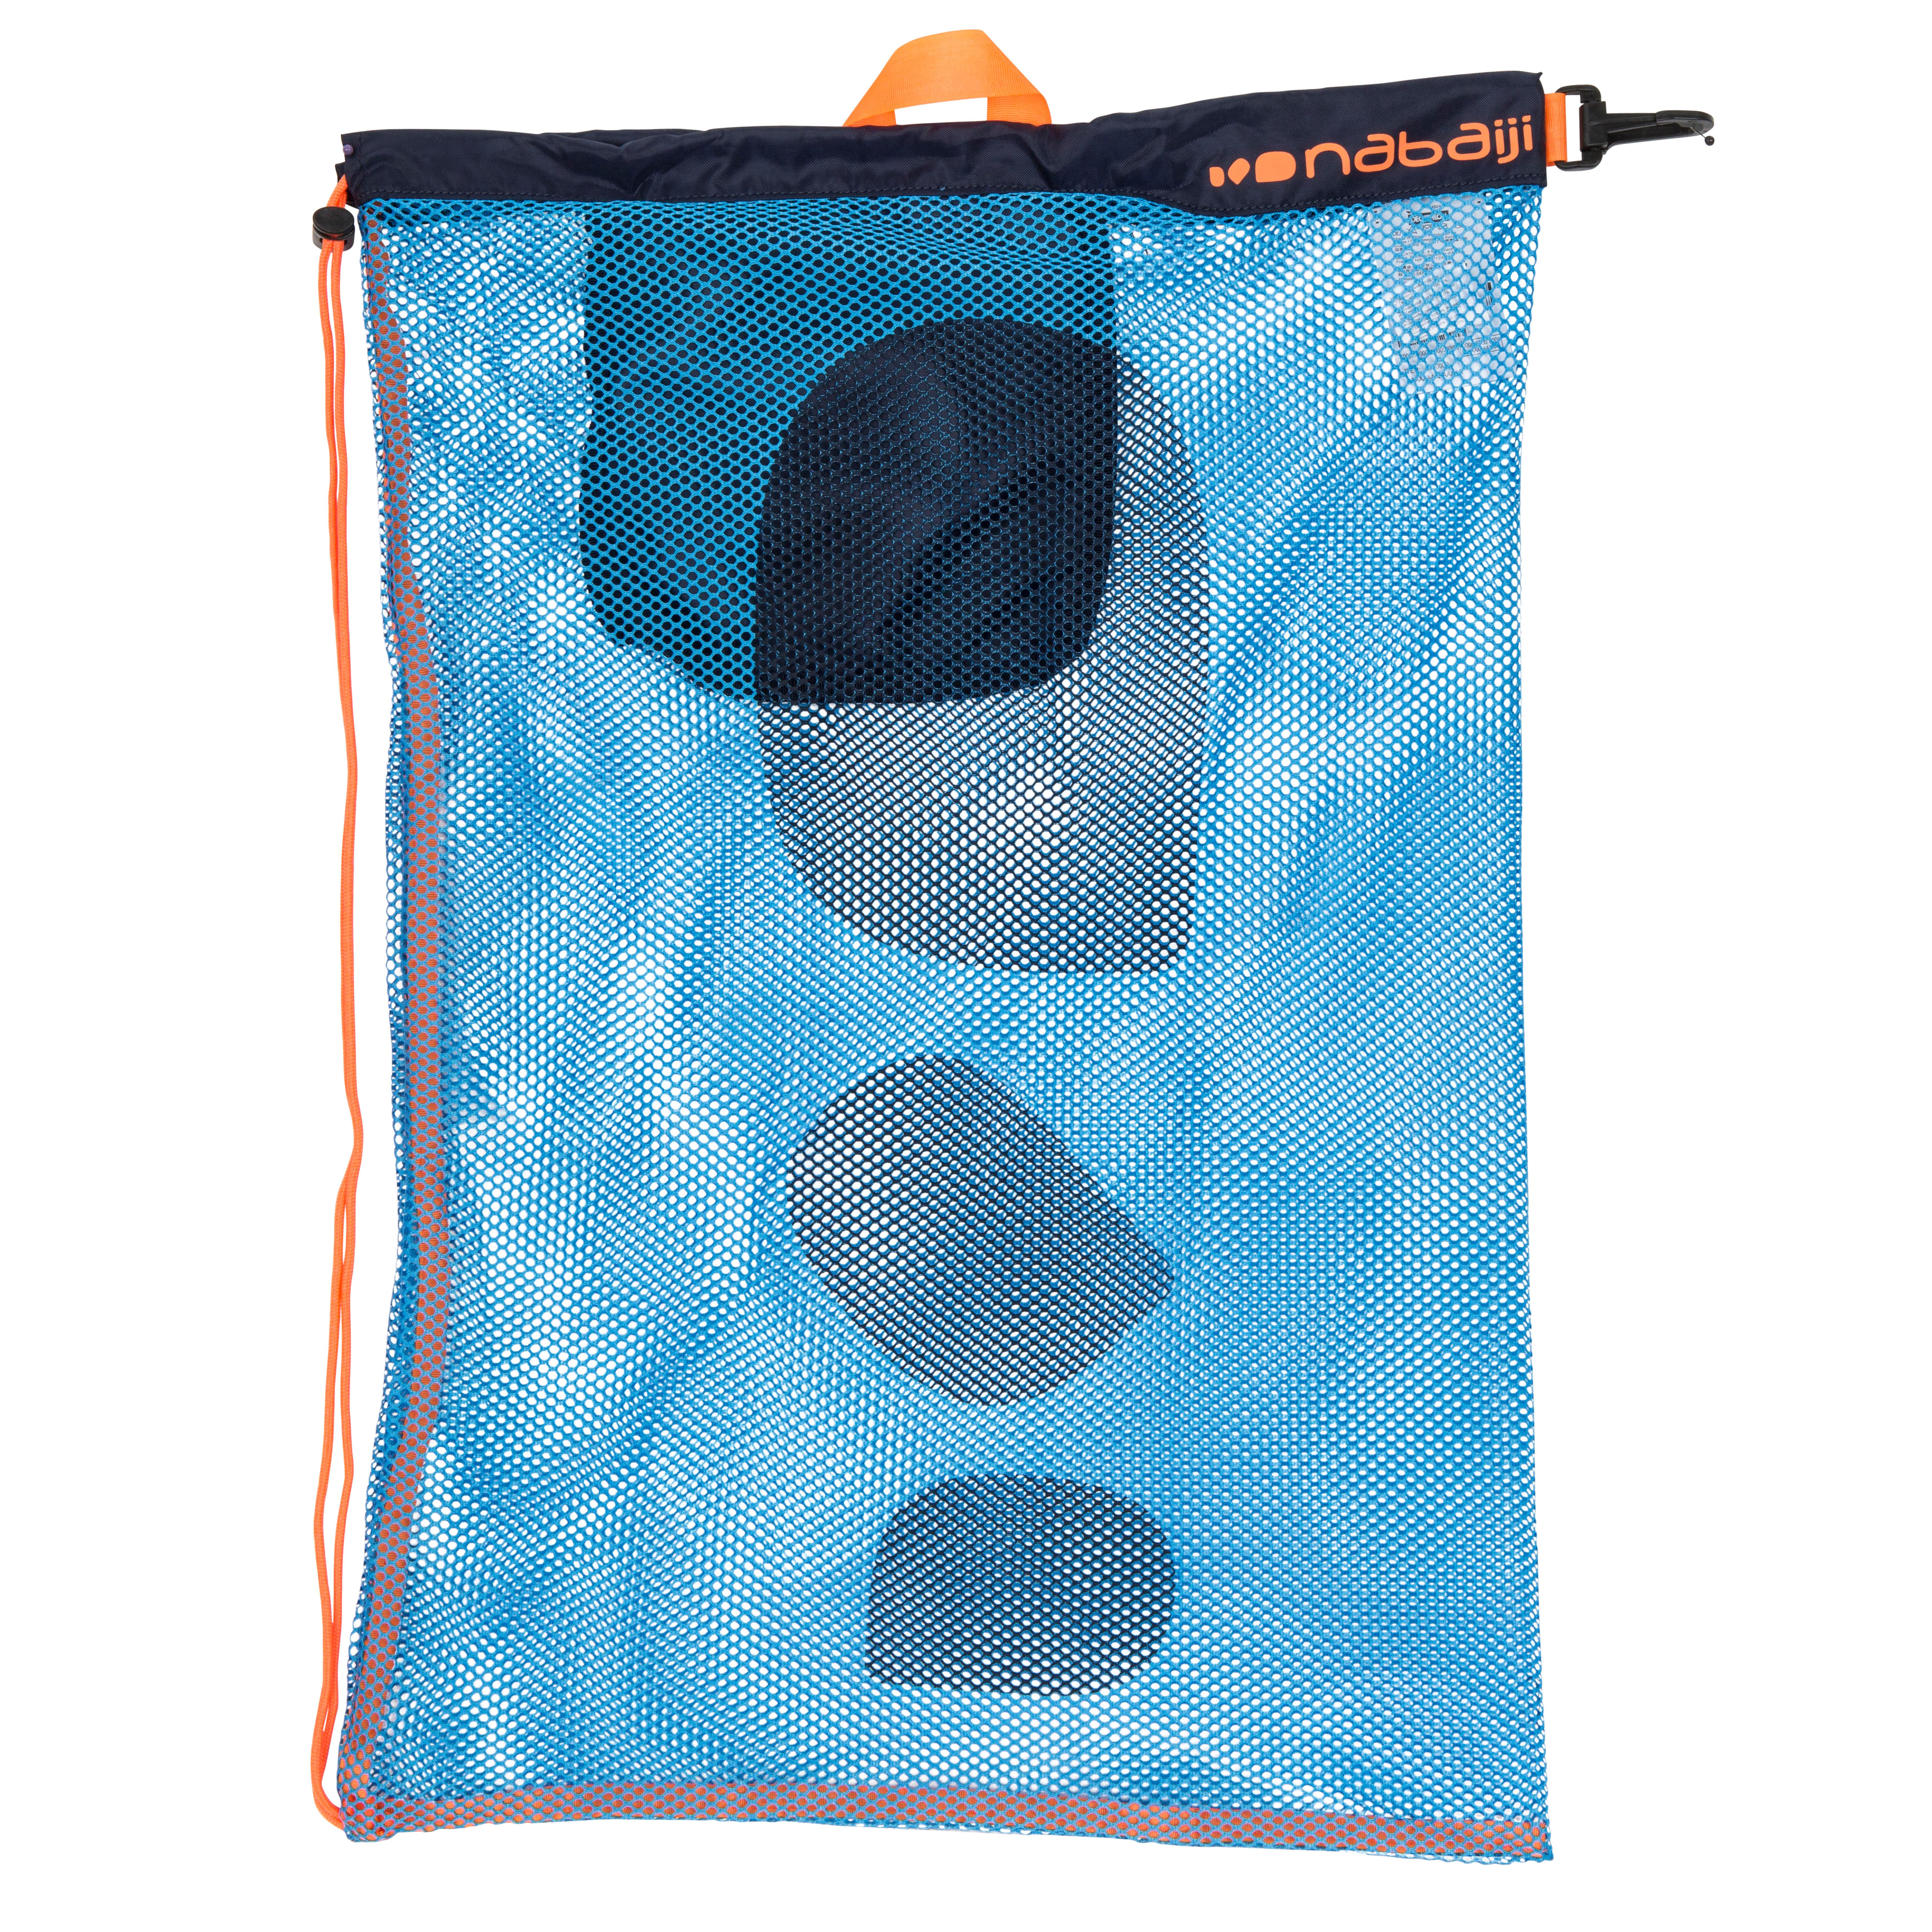 Bolsa grande azul naranja de malla para natación